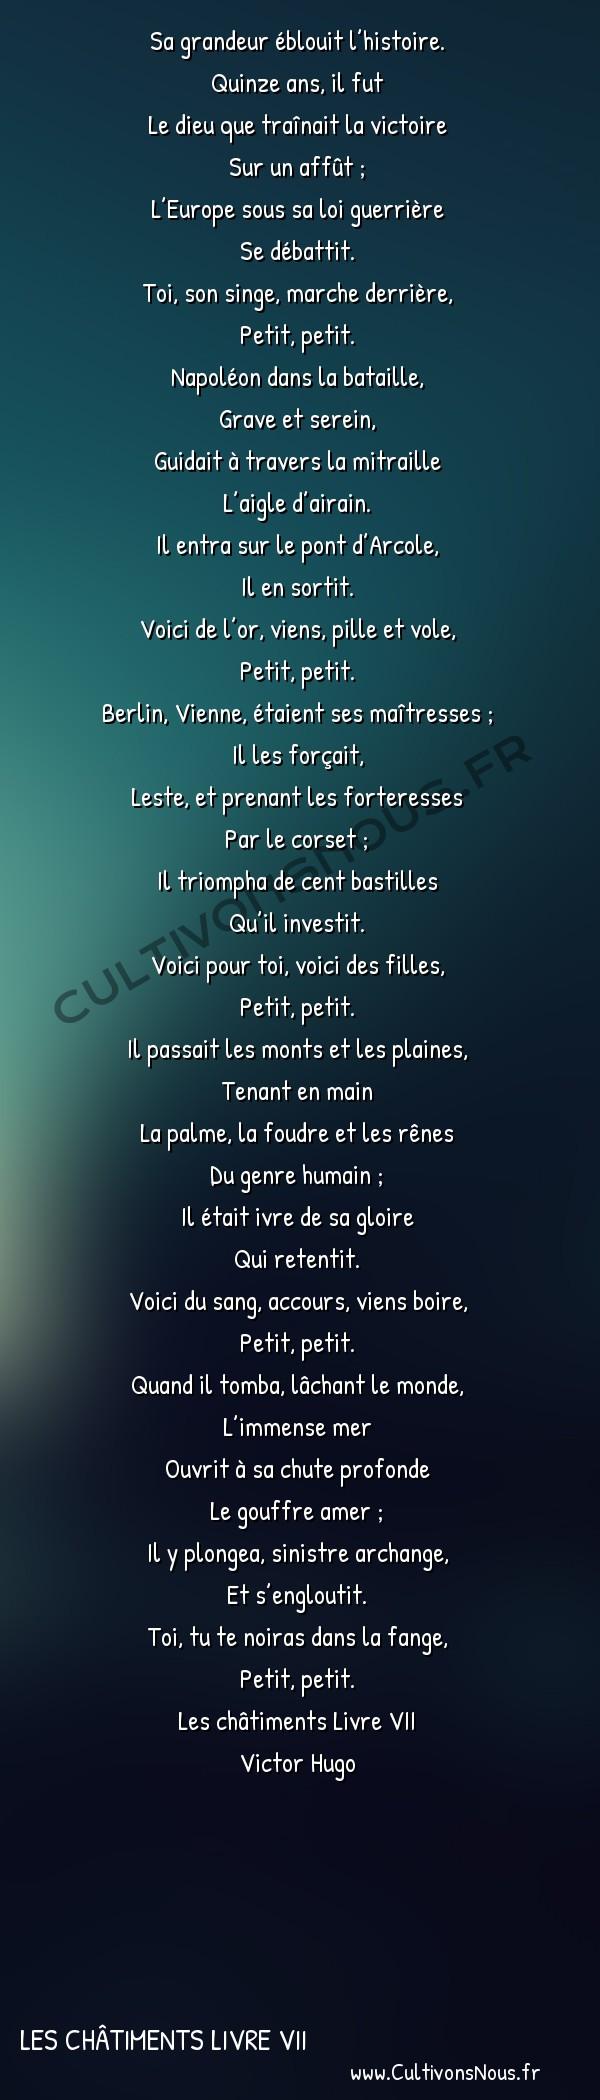 Poésie Victor Hugo - Les châtiments Livre VII - Chanson -  Sa grandeur éblouit l'histoire. Quinze ans, il fut